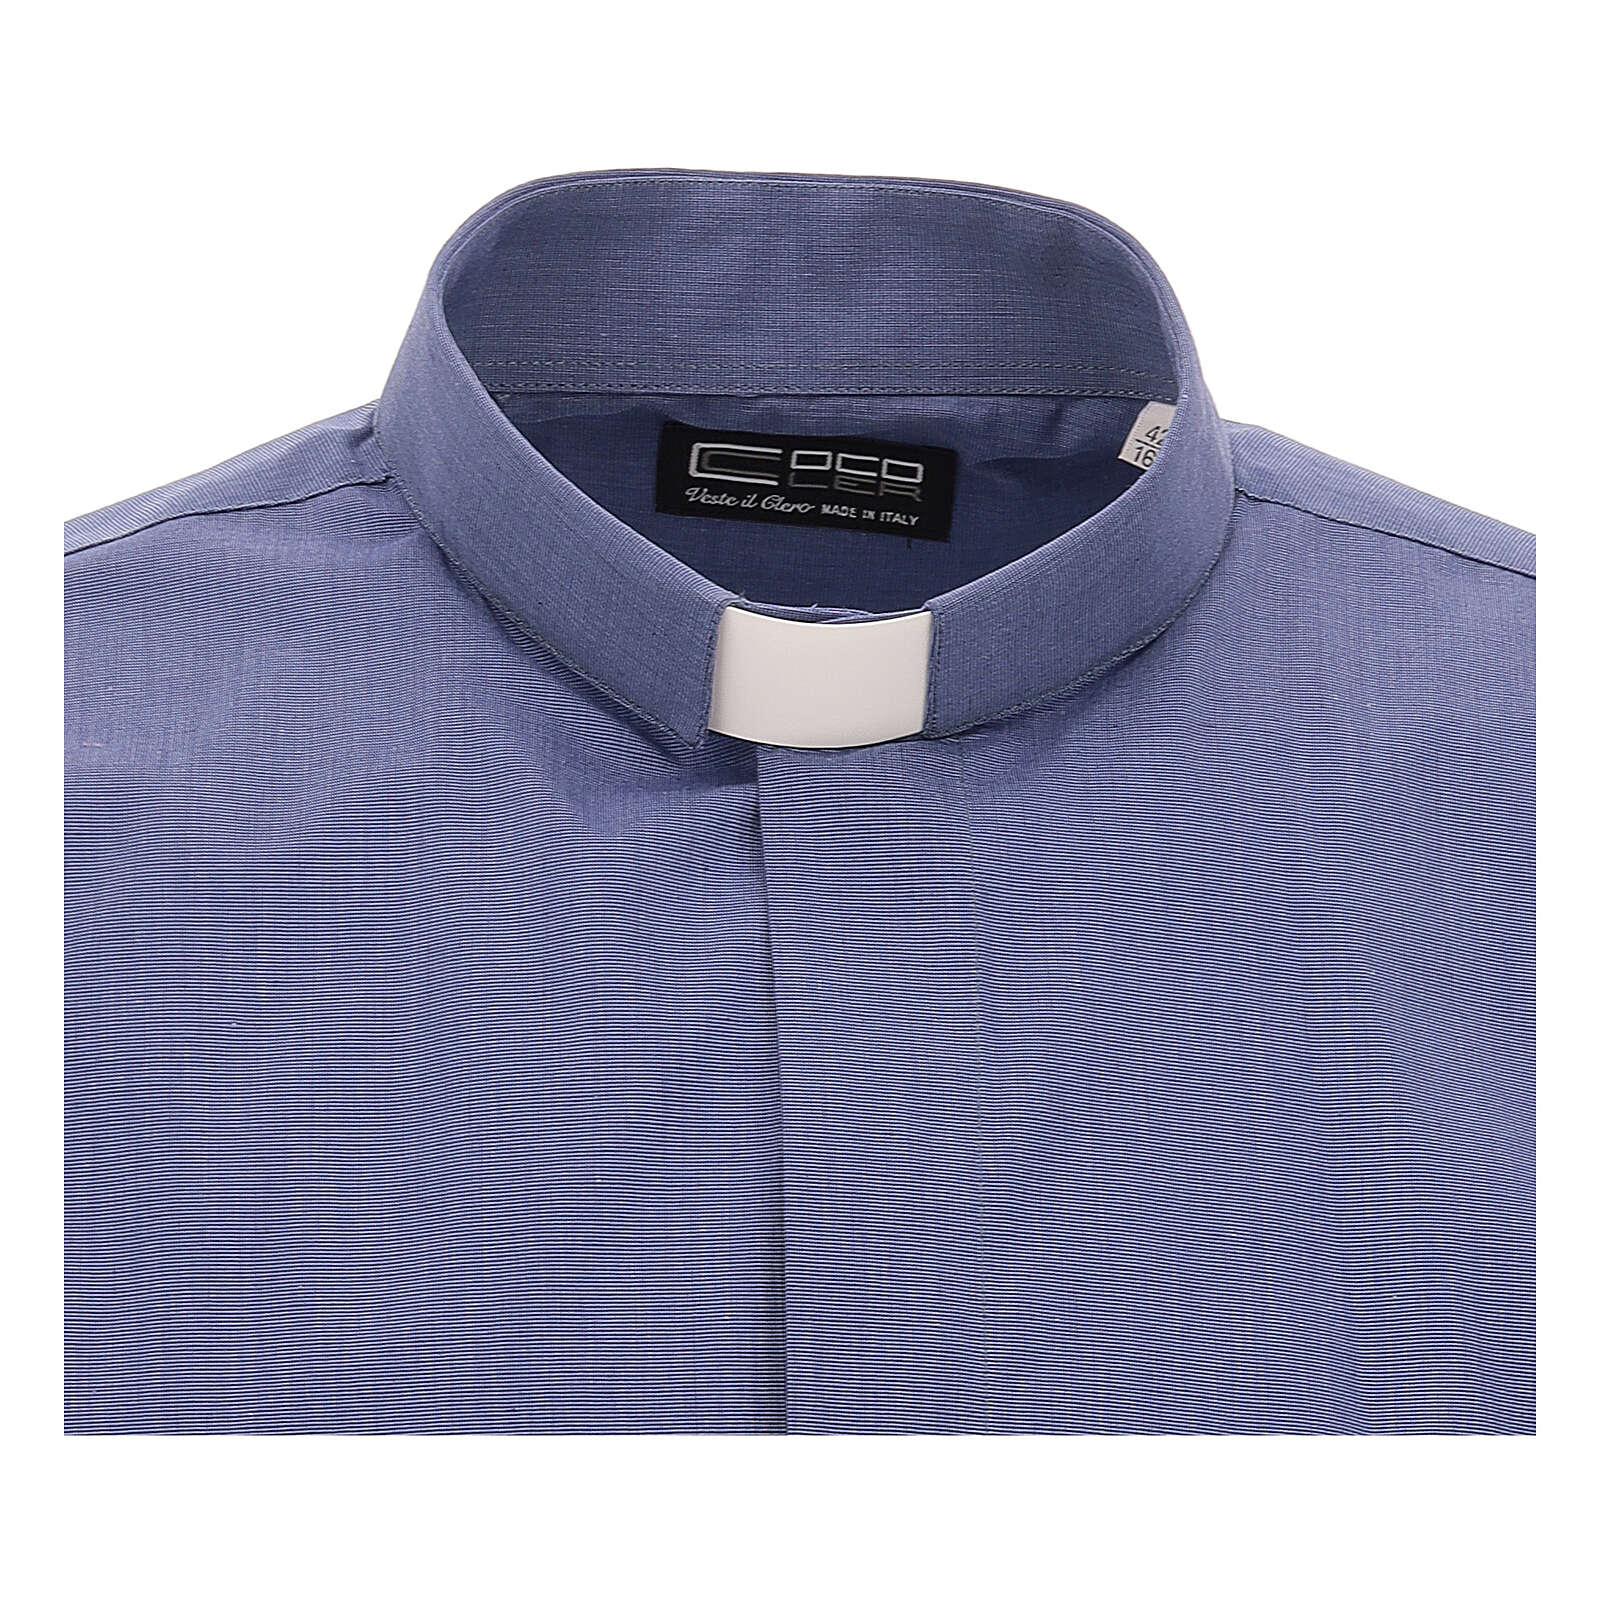 Koszula kapłańska niebieska fil a fil krótki rękaw 4